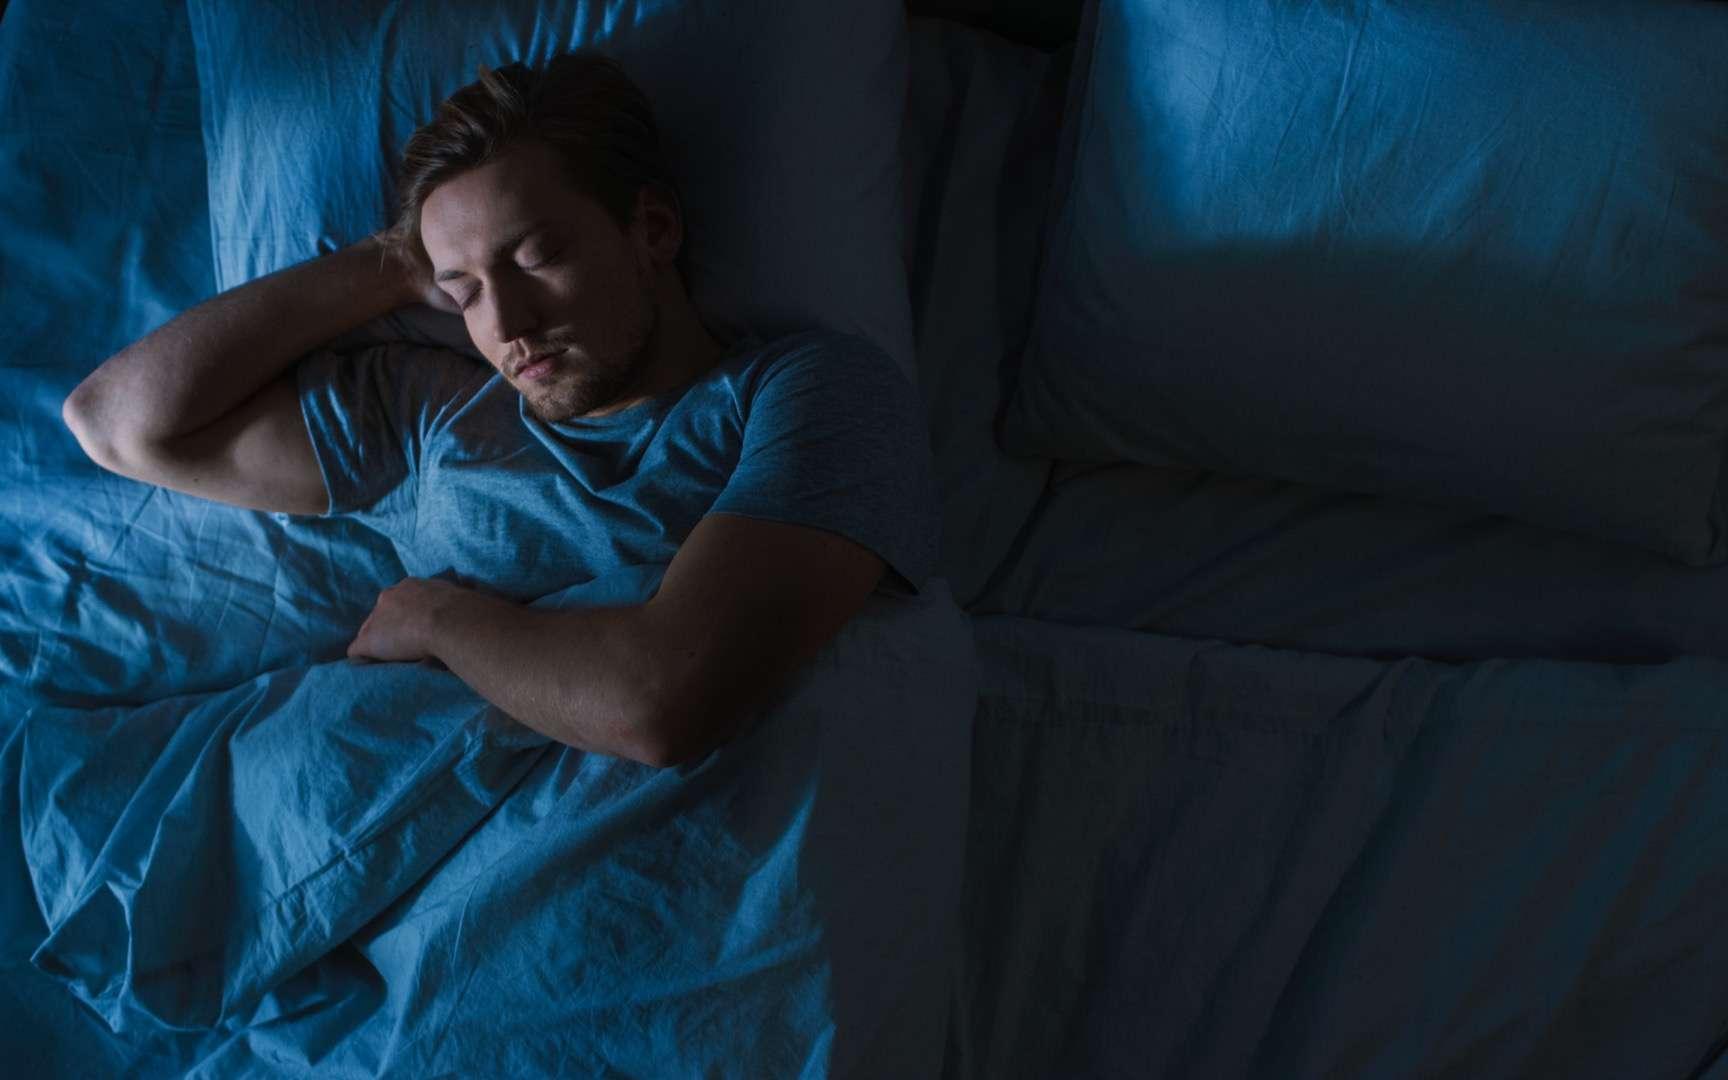 Méfiez-vous de votre literie domestique, oreiller et couette en plume peuvent être à l'origine de graves infections pulmonaires. © Gorodenkoff, Adobe Stock